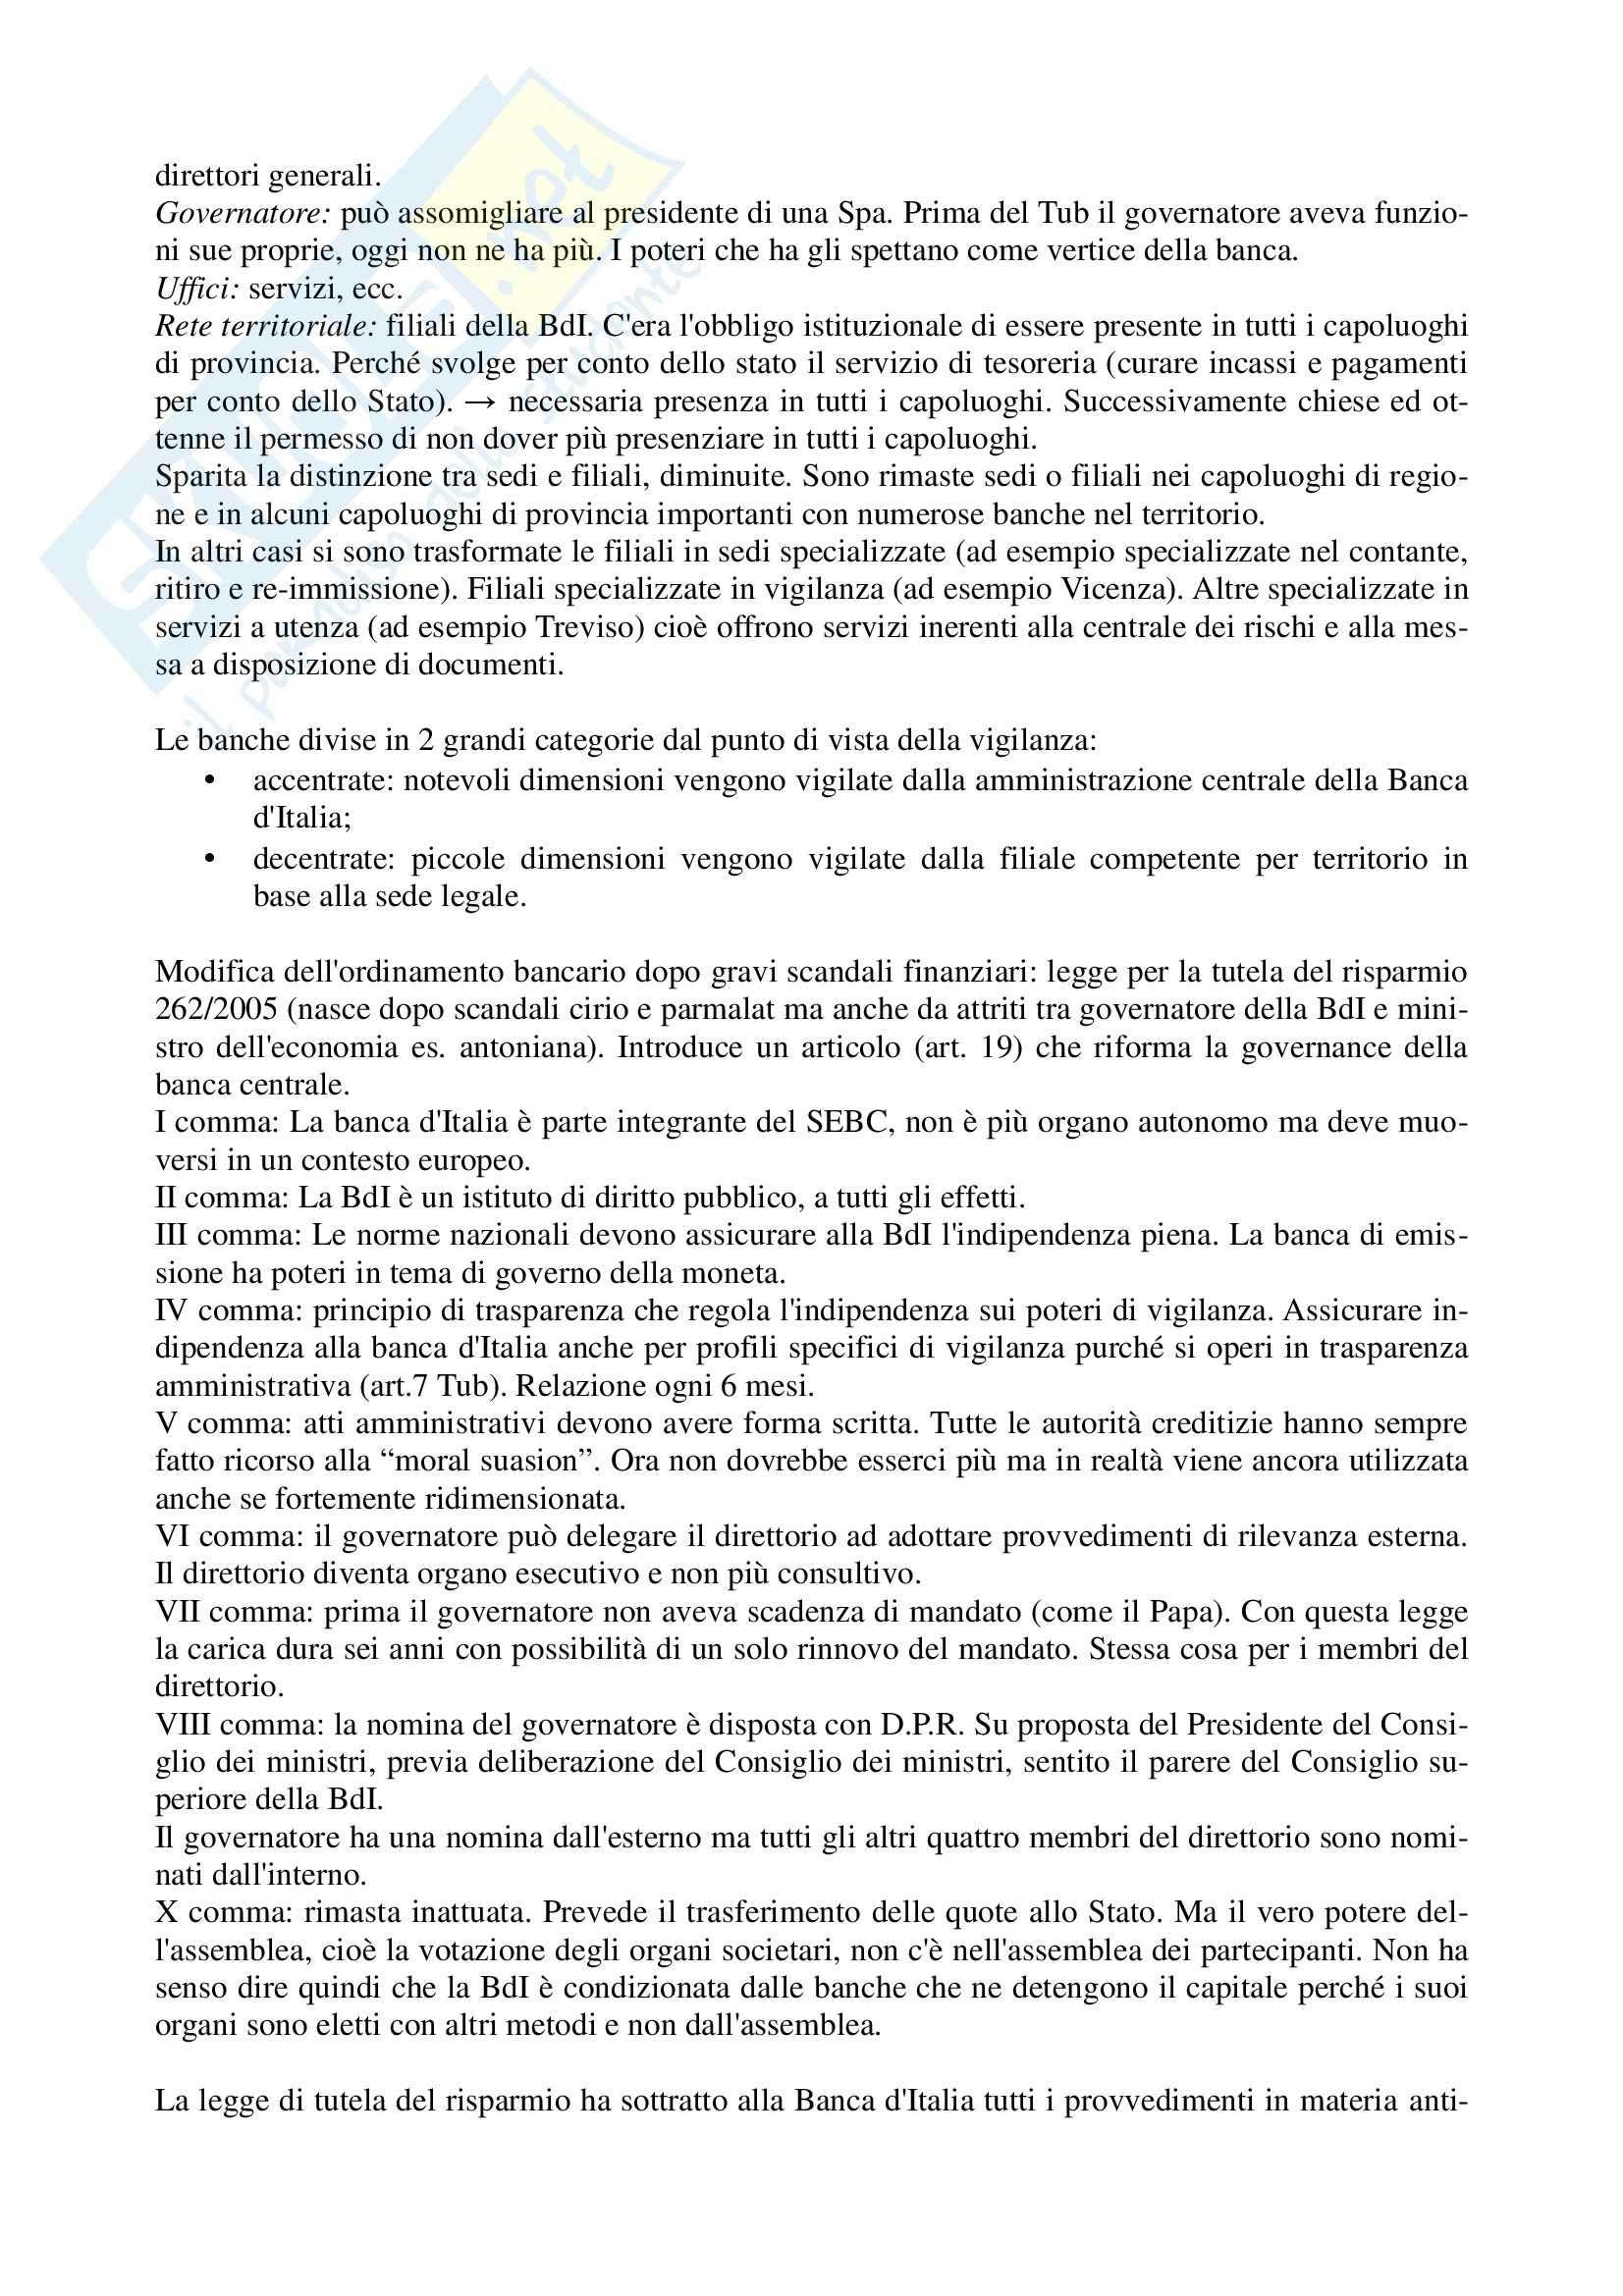 Legislazione bancaria 1 - appunti parte I Pag. 6